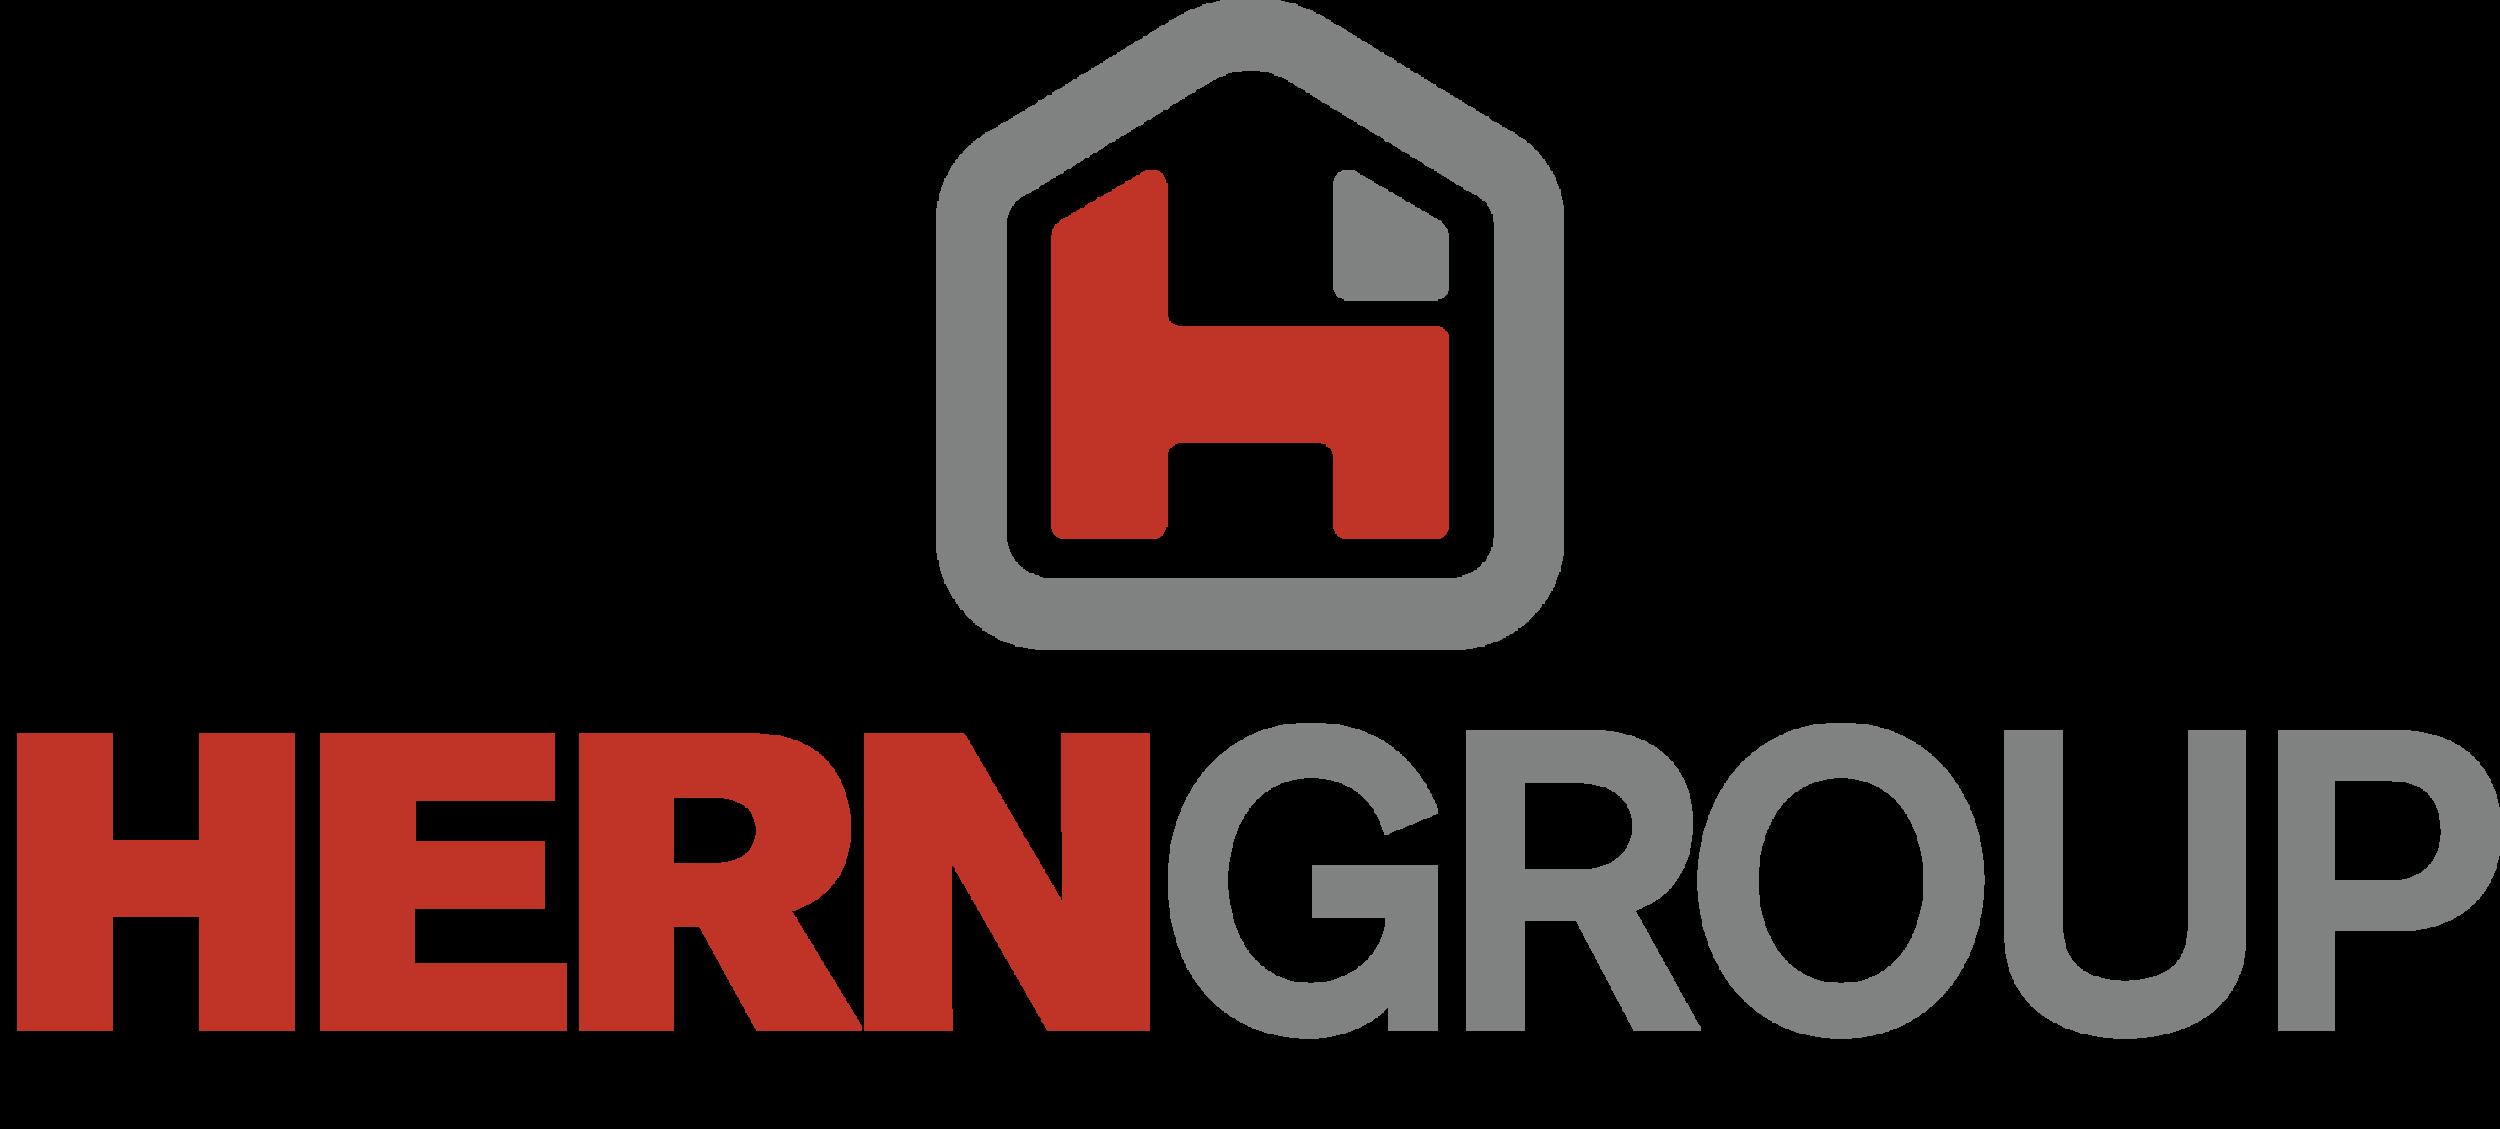 67087285_thg_logo_v2_stack.png